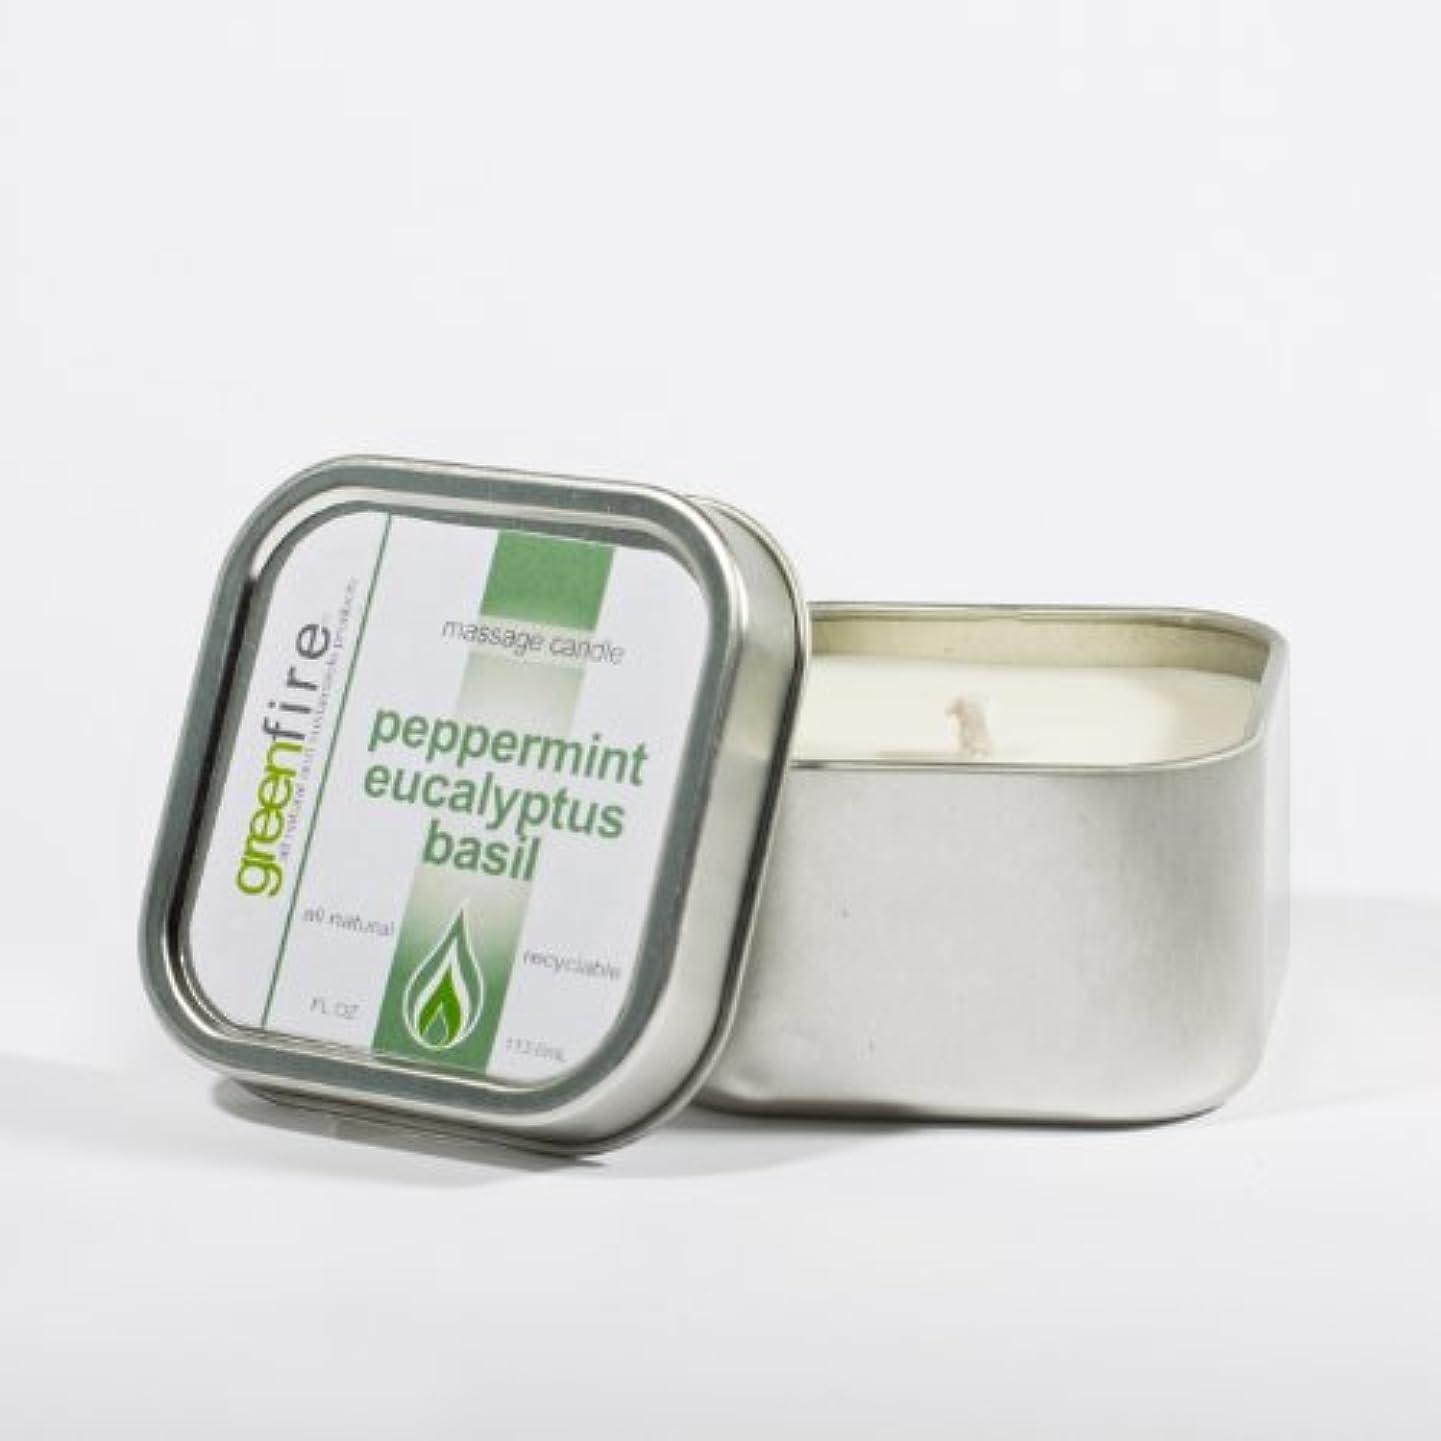 やろう弱める持っているグリーンファイヤーマッサージキャンドル ペパーミント?ユーカリ?バジルの香り(サイズ:118.3mL)